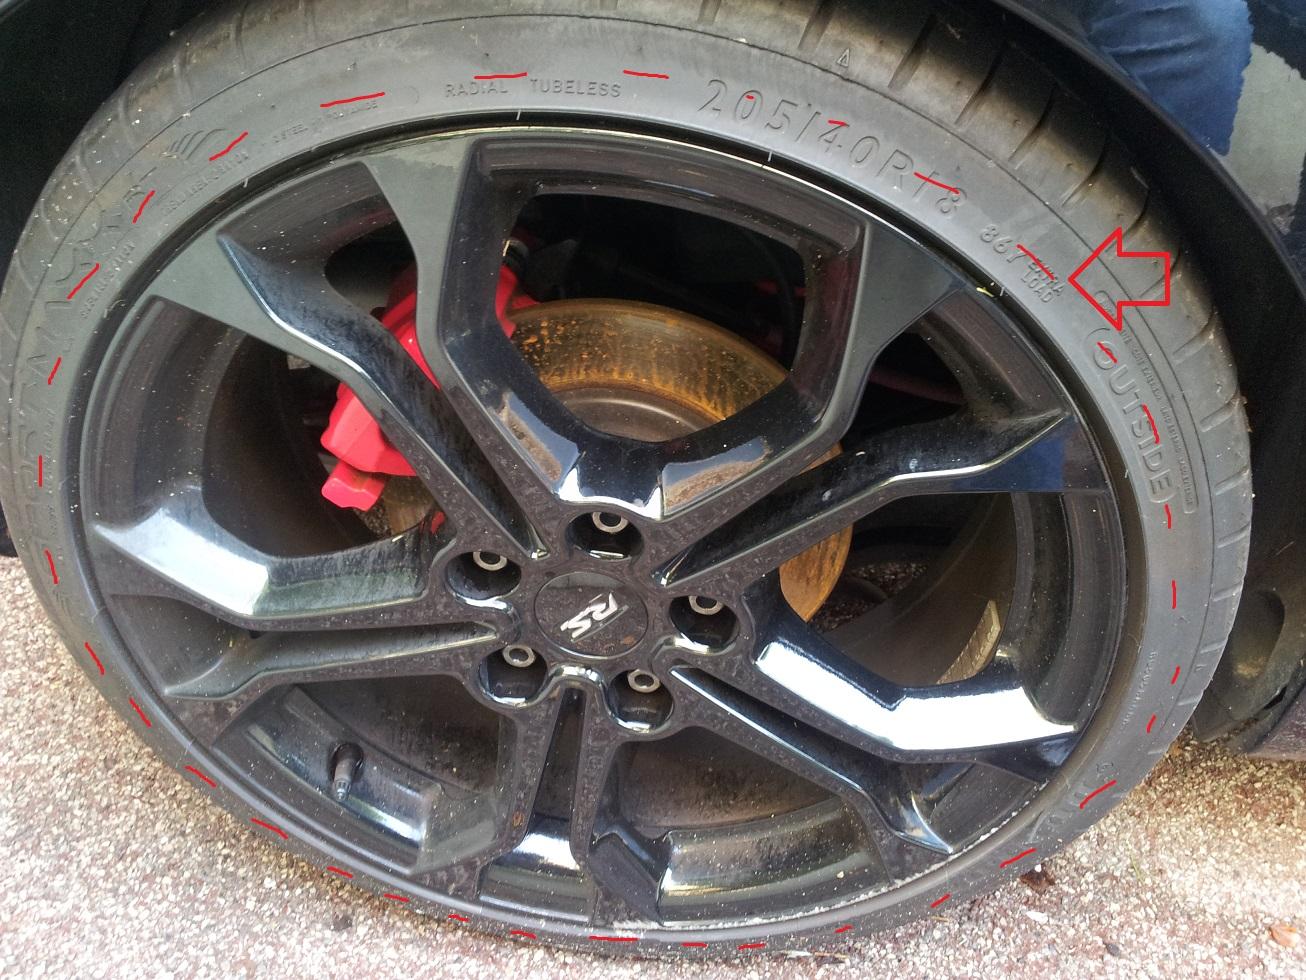 V rifications ext rieures pour le permis les le ons for Usure pneu exterieur avant